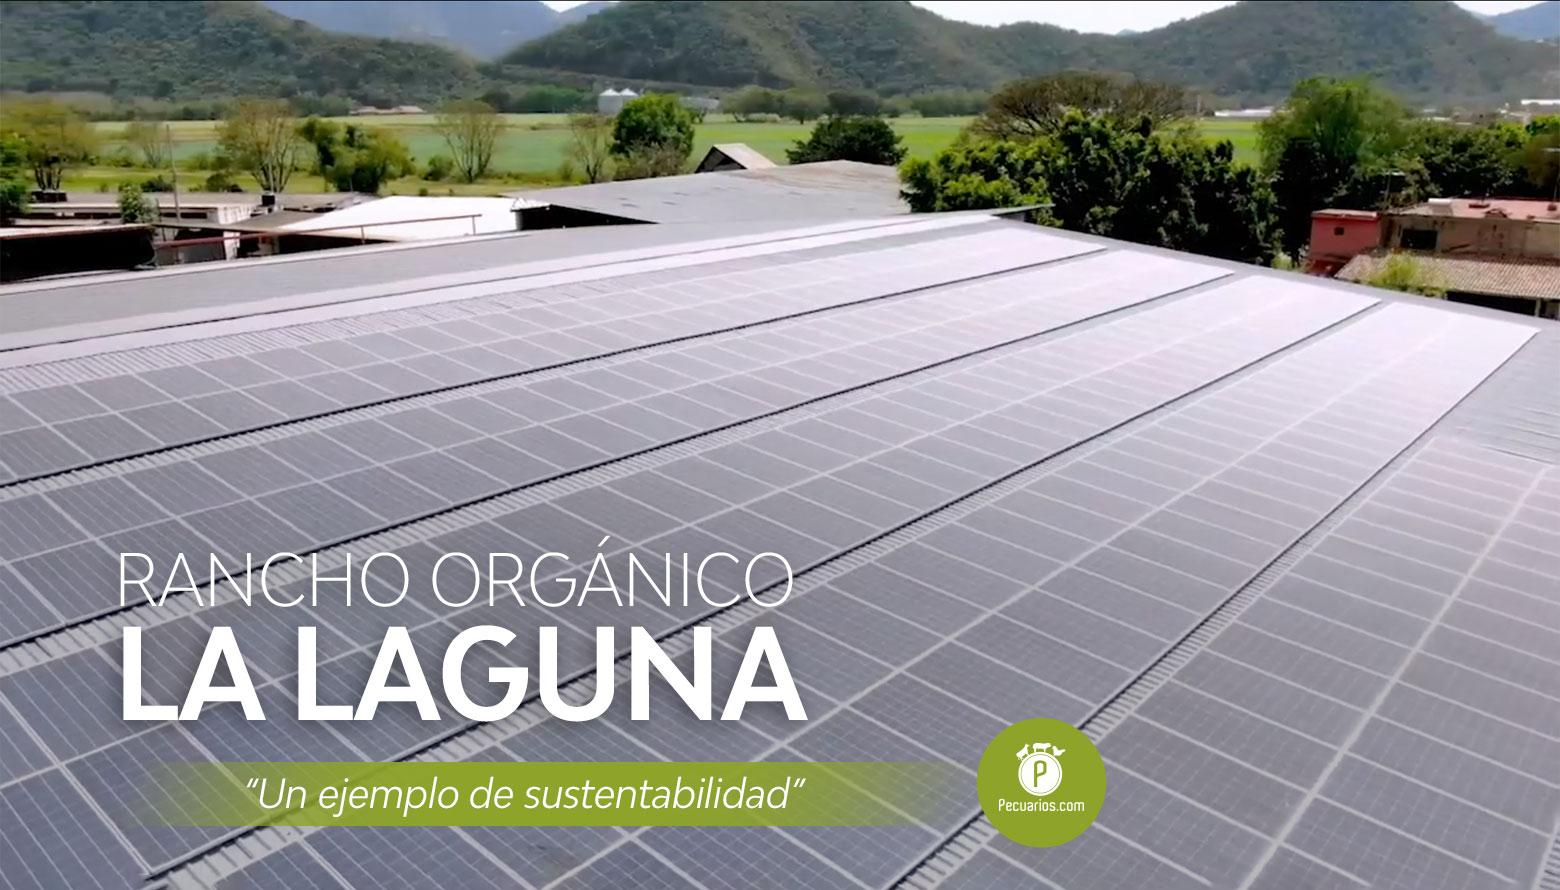 Rancho Orgánico La Laguna, buscando un camino hacia la sustentabilidad pecuaria